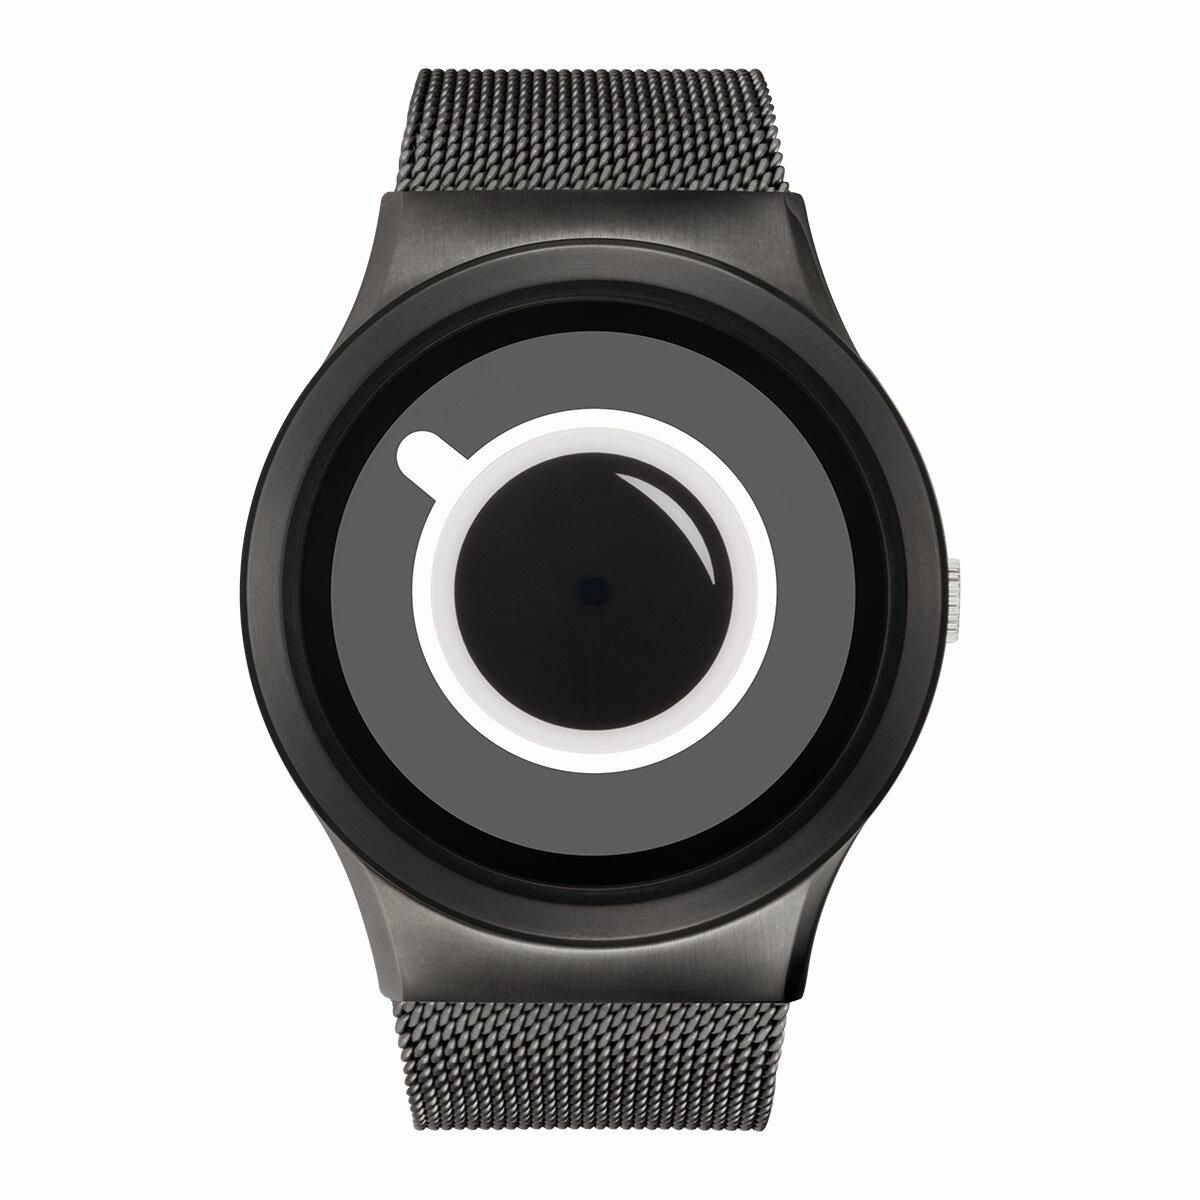 ZEROO COFFEE TIME ゼロ 電池式クォーツ 腕時計 [W03010B02SM02] ホワイト デザインウォッチ ペア用 メンズ レディース ユニセックス おしゃれ時計 デザイナーズ